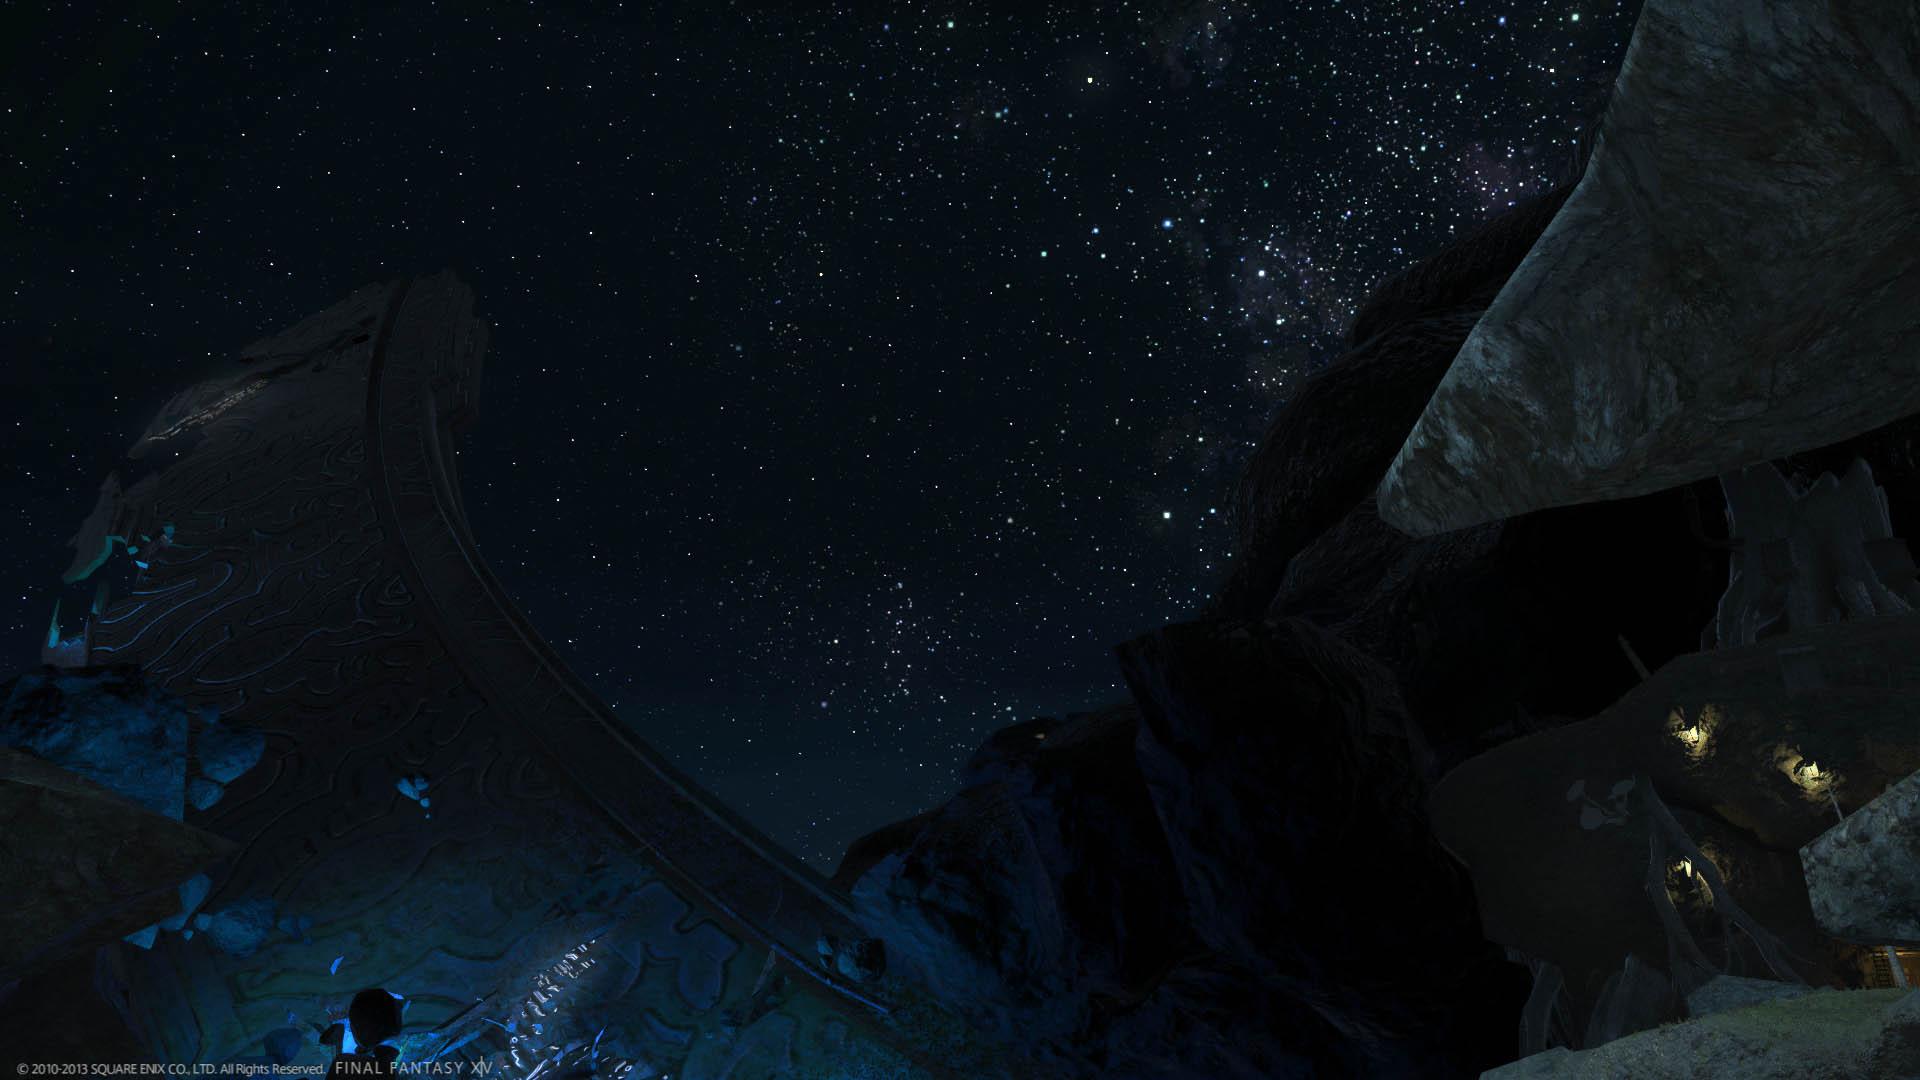 最终幻想14 高清壁纸系列